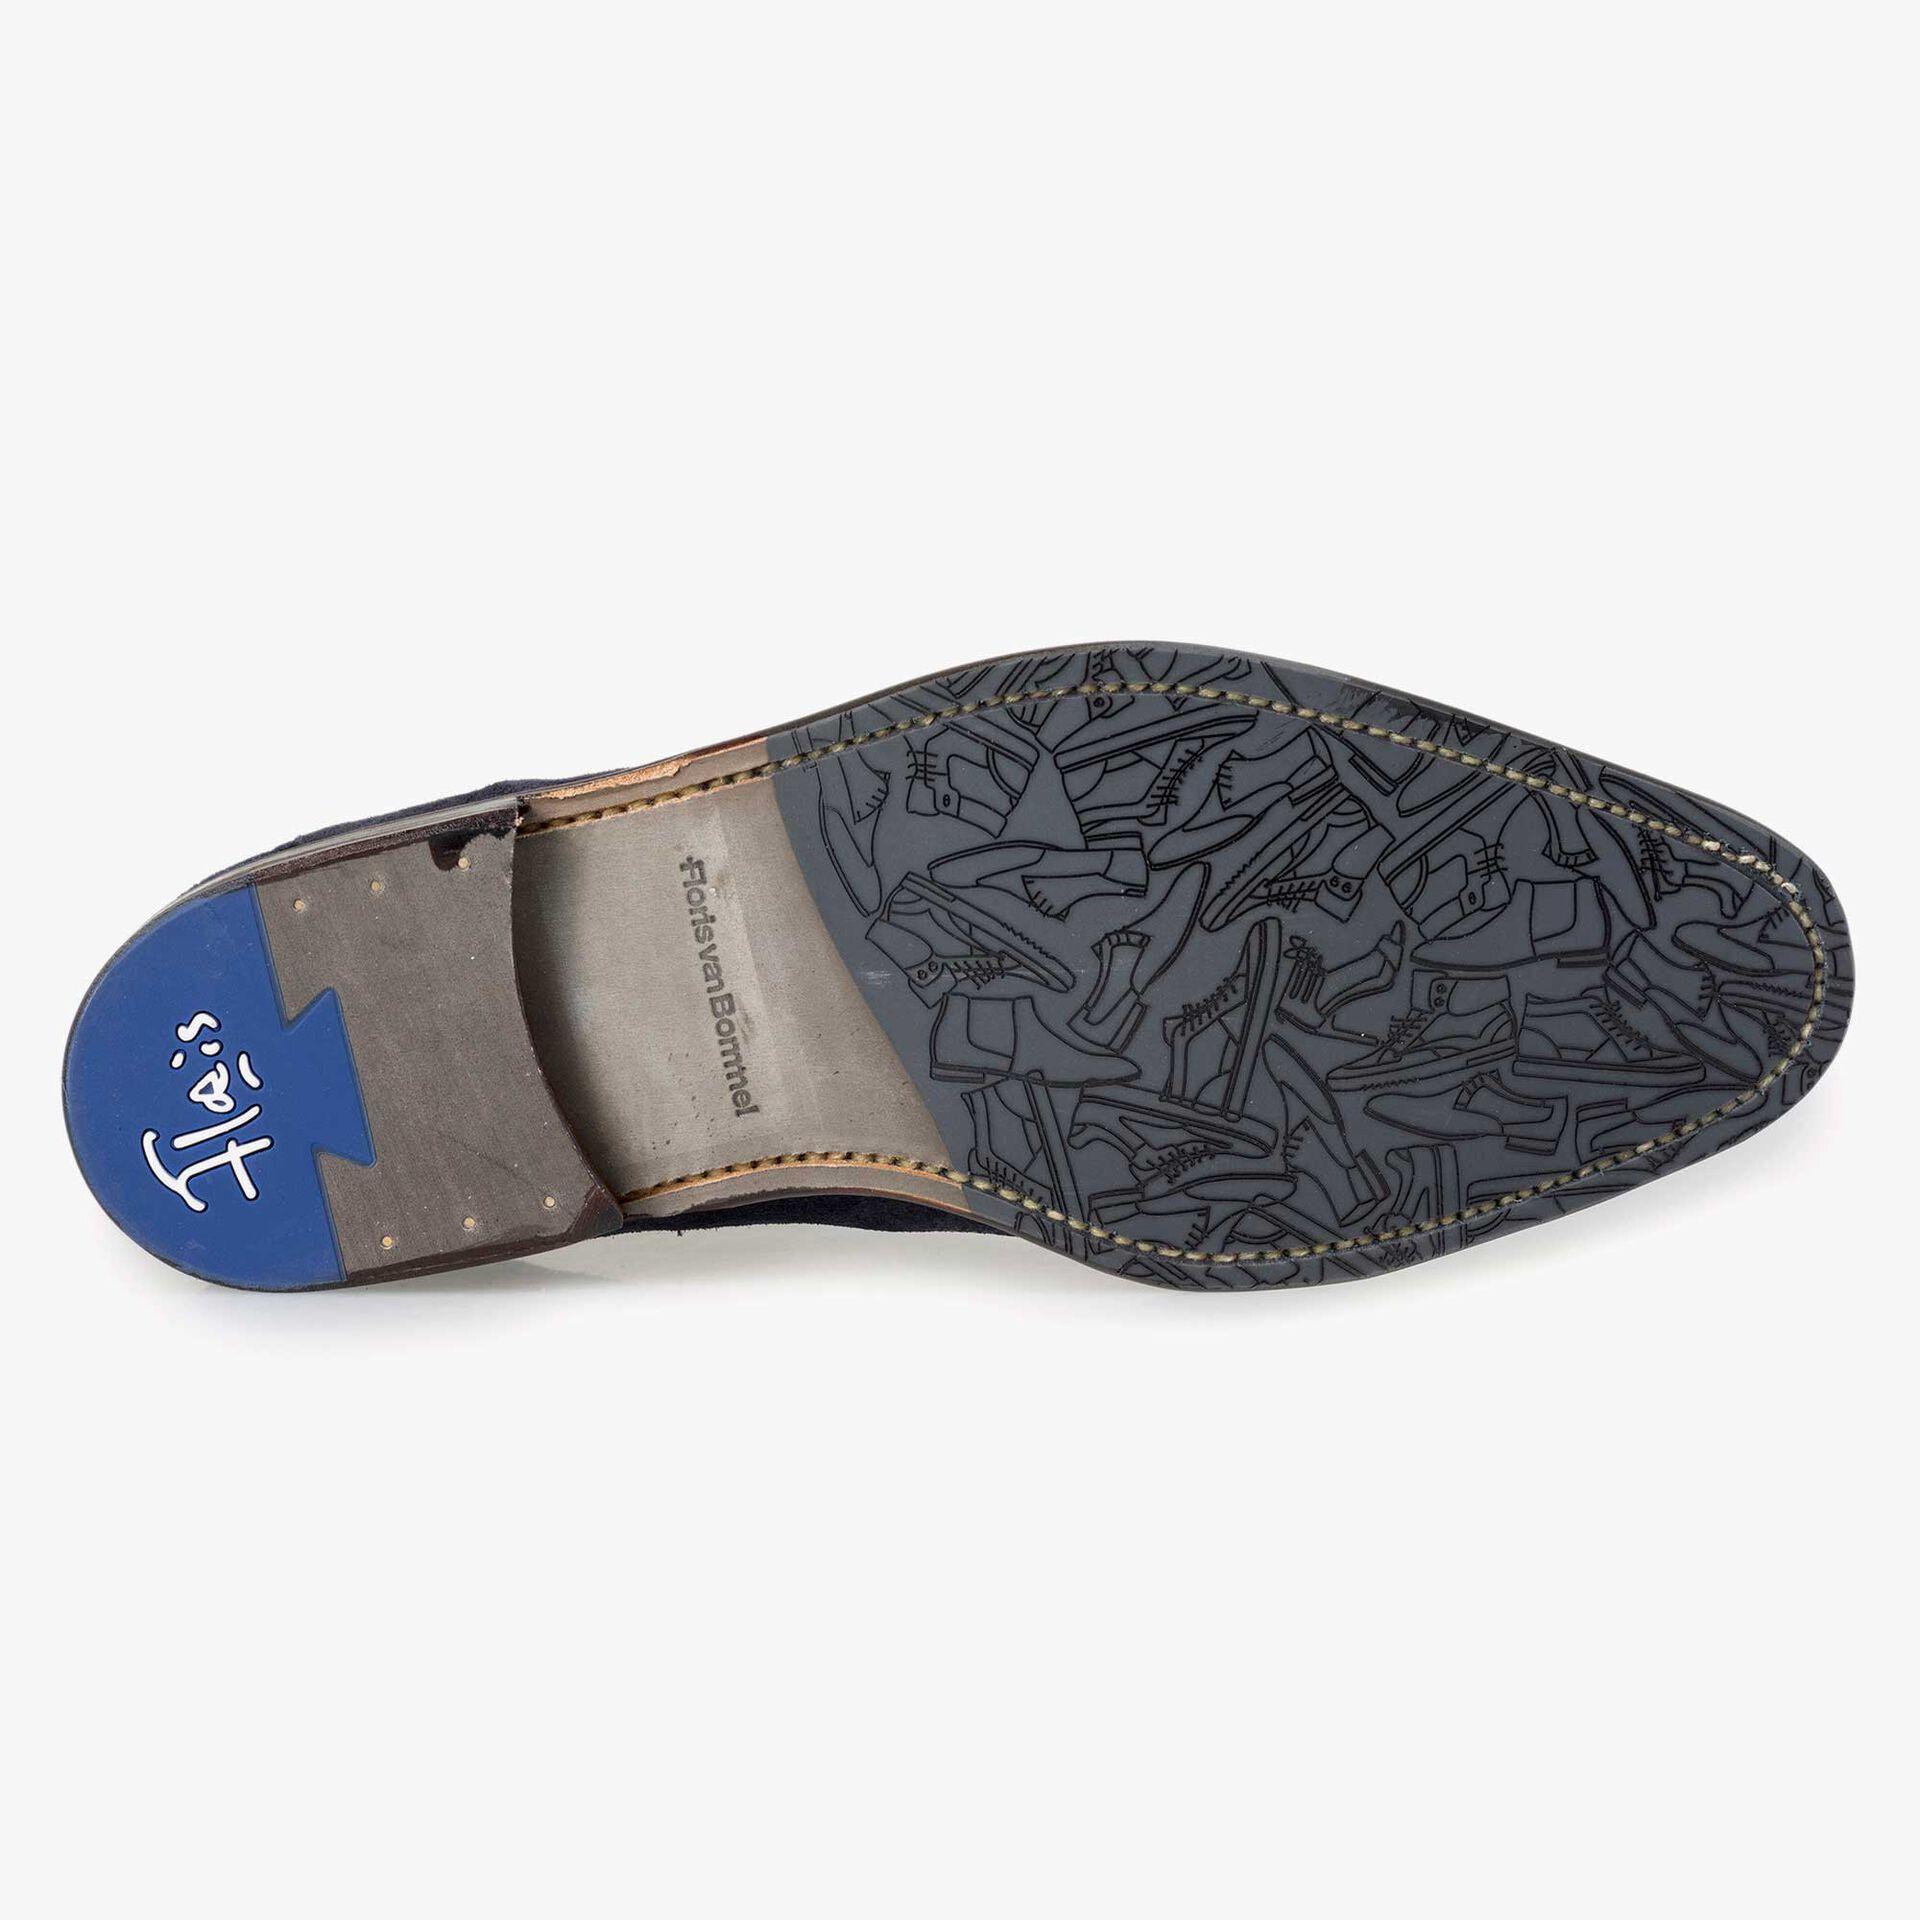 Floris van Bommel blauwe suède heren chelsea boot